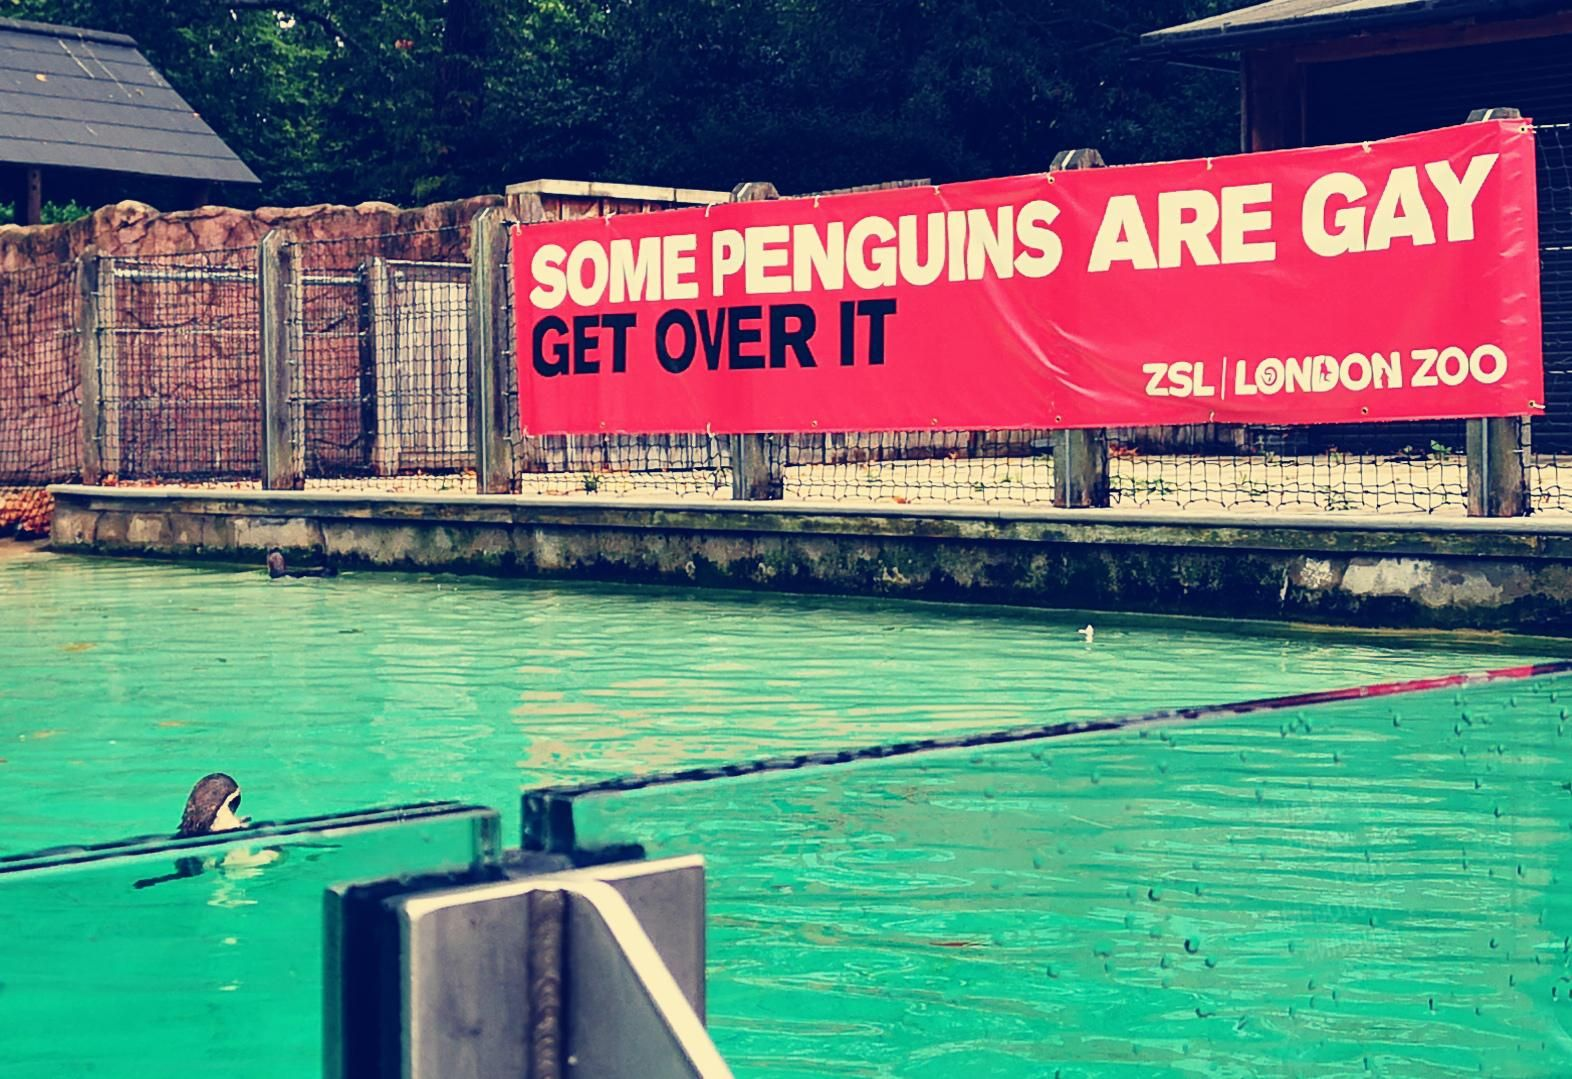 ZSL London Zoo gets it!